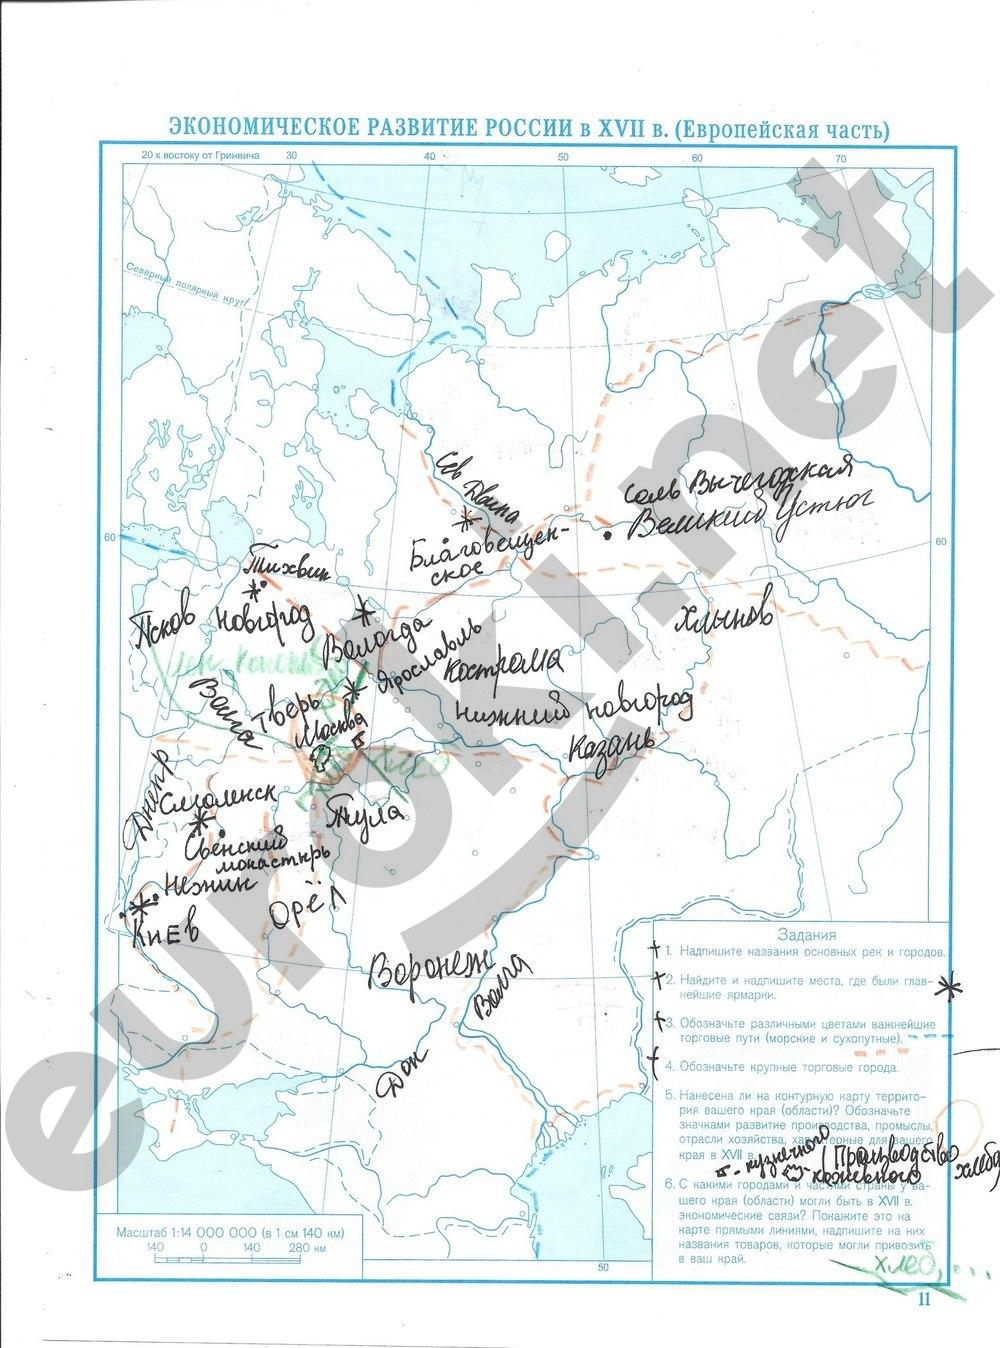 Решебник по контурной карте по истории 8 класса дрофа